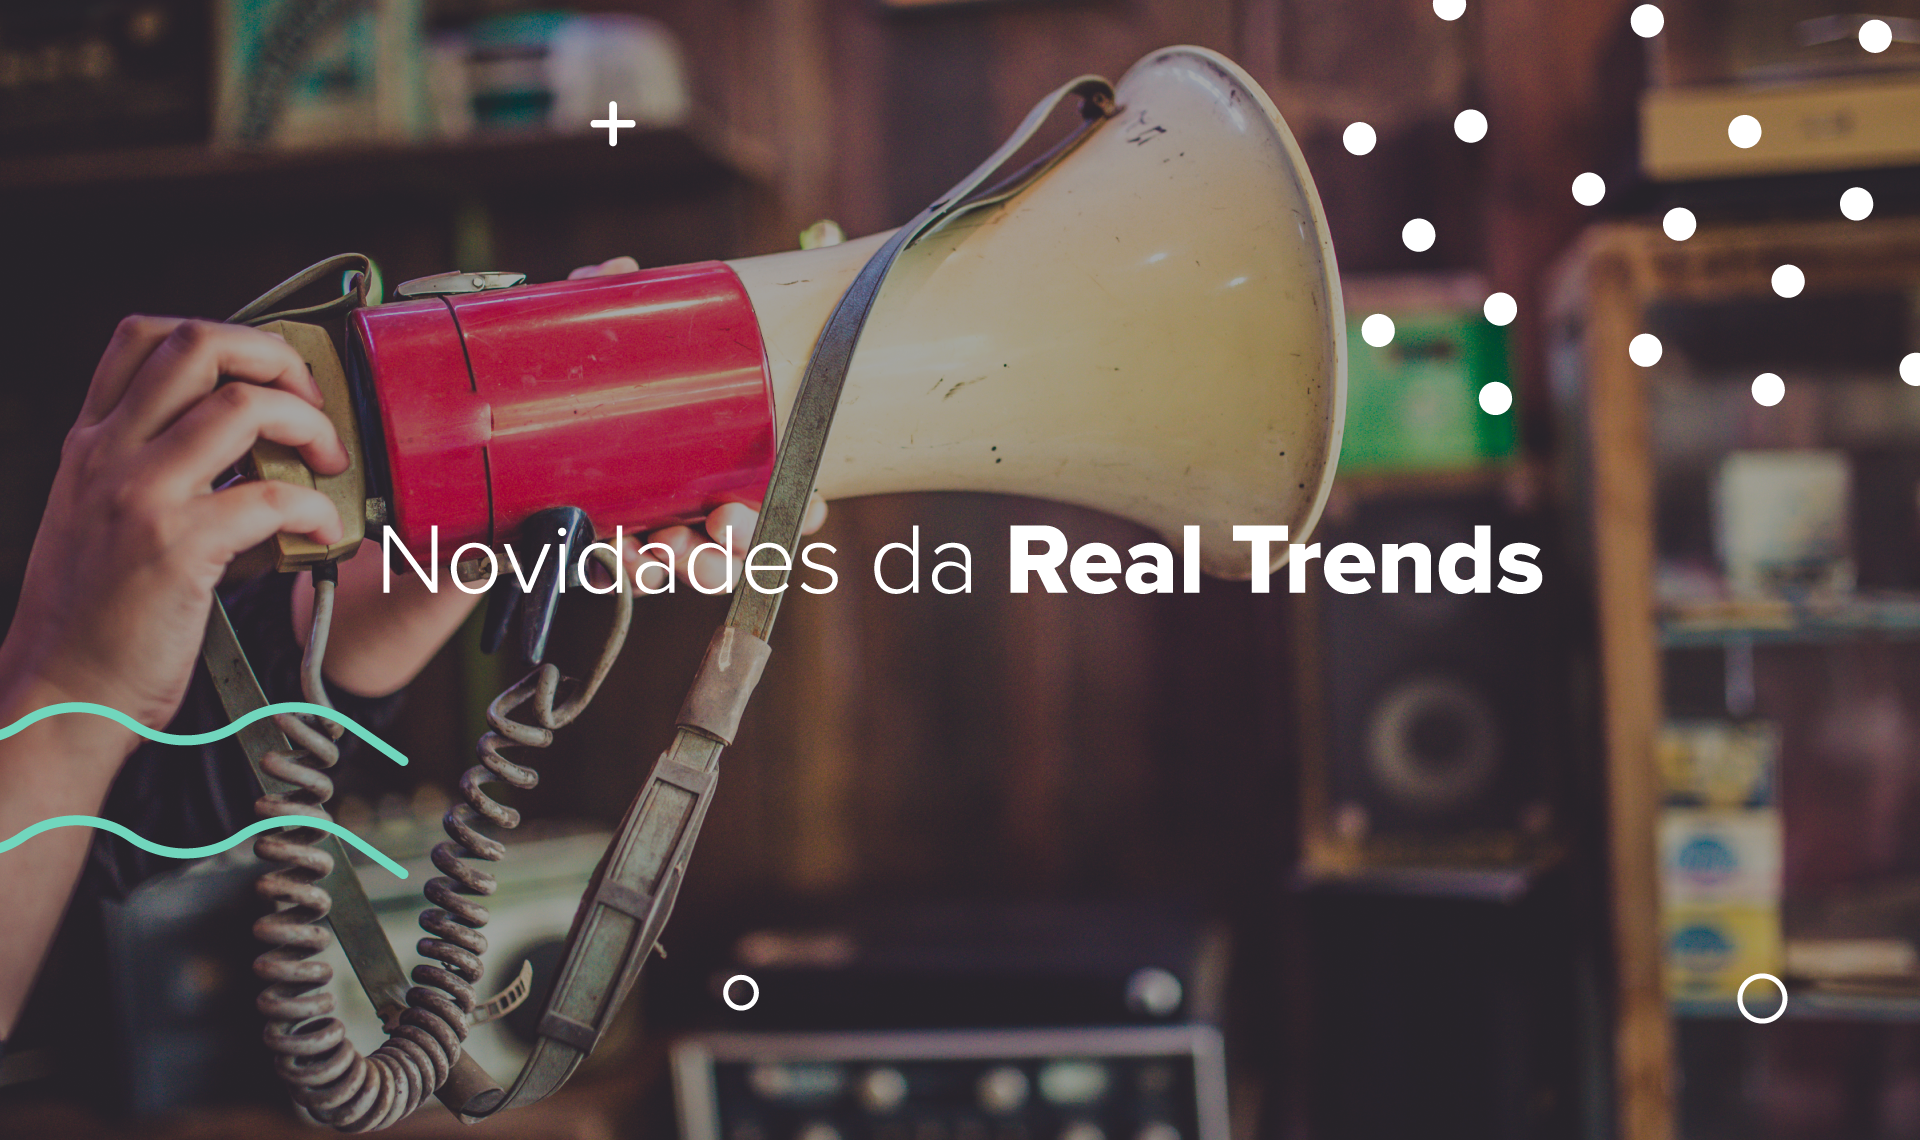 Novidades da Real Trends